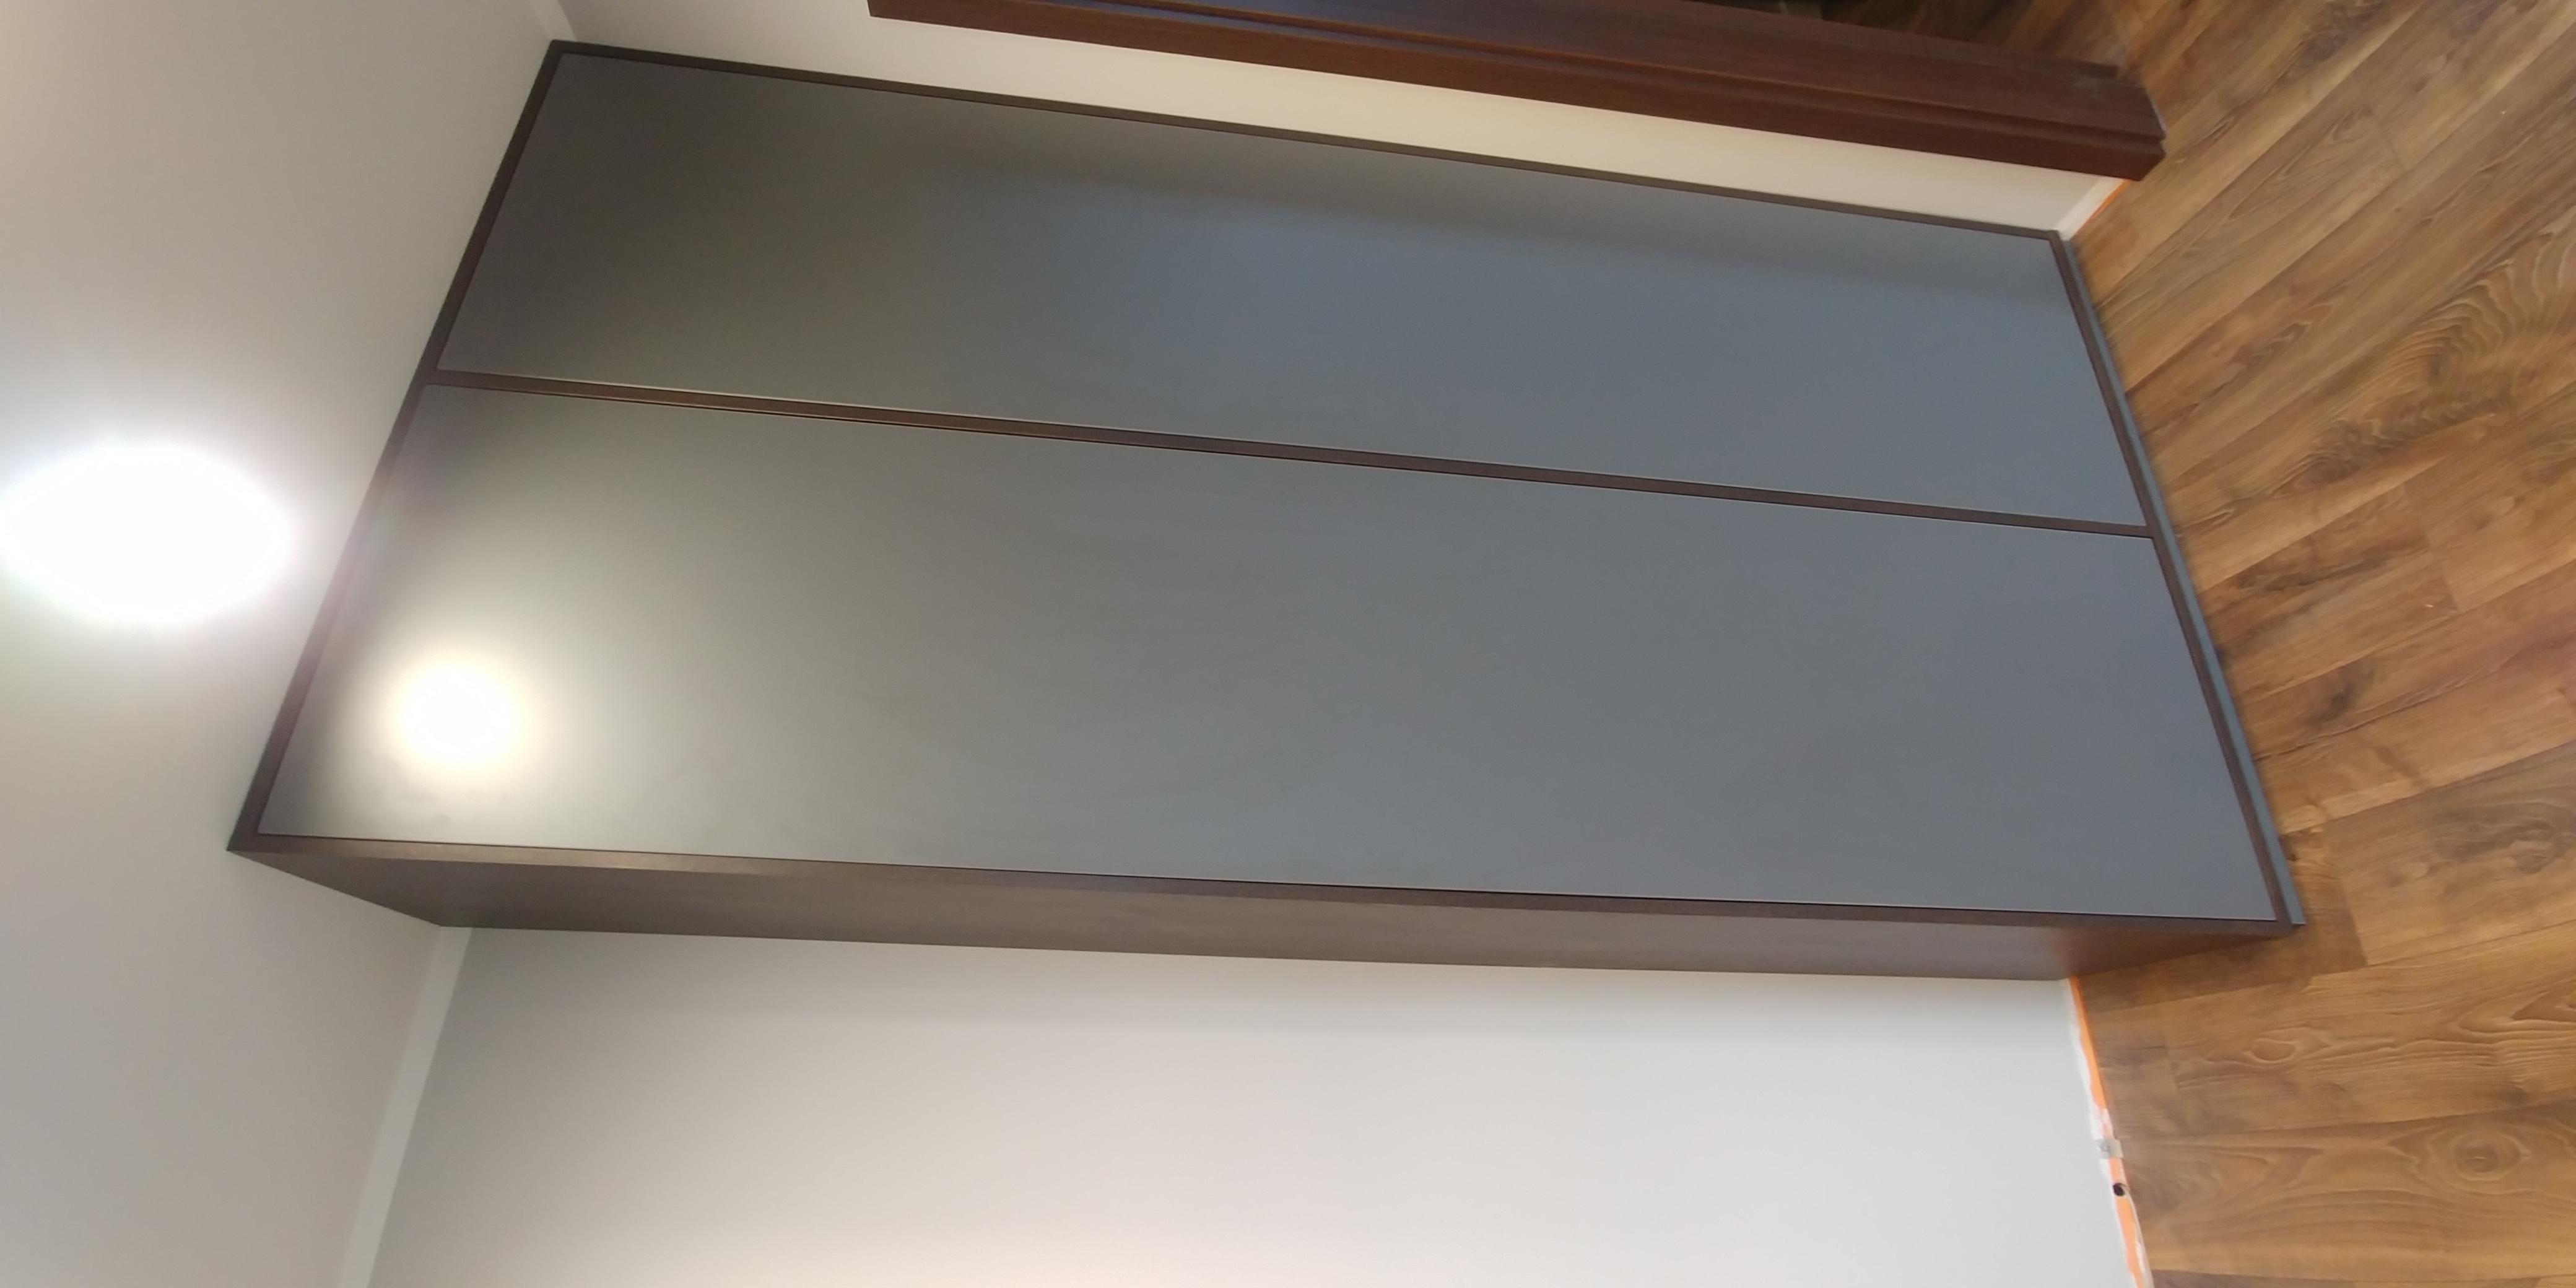 Drzwi tradycyjnie otwierane